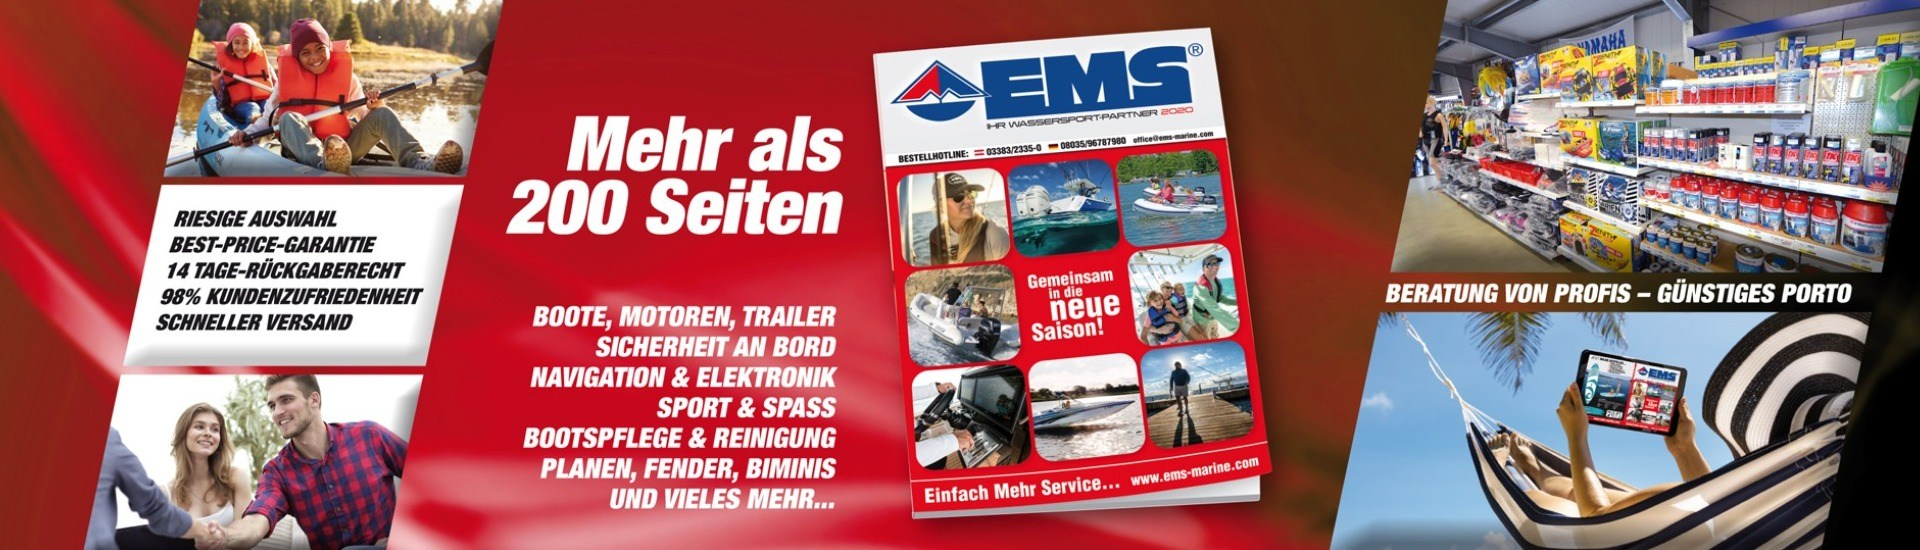 EMS Marine - 200 Seiten Boots und Marine Katalog mit Riesen Auswahl an Booten, Motoren, und Bootszubehör